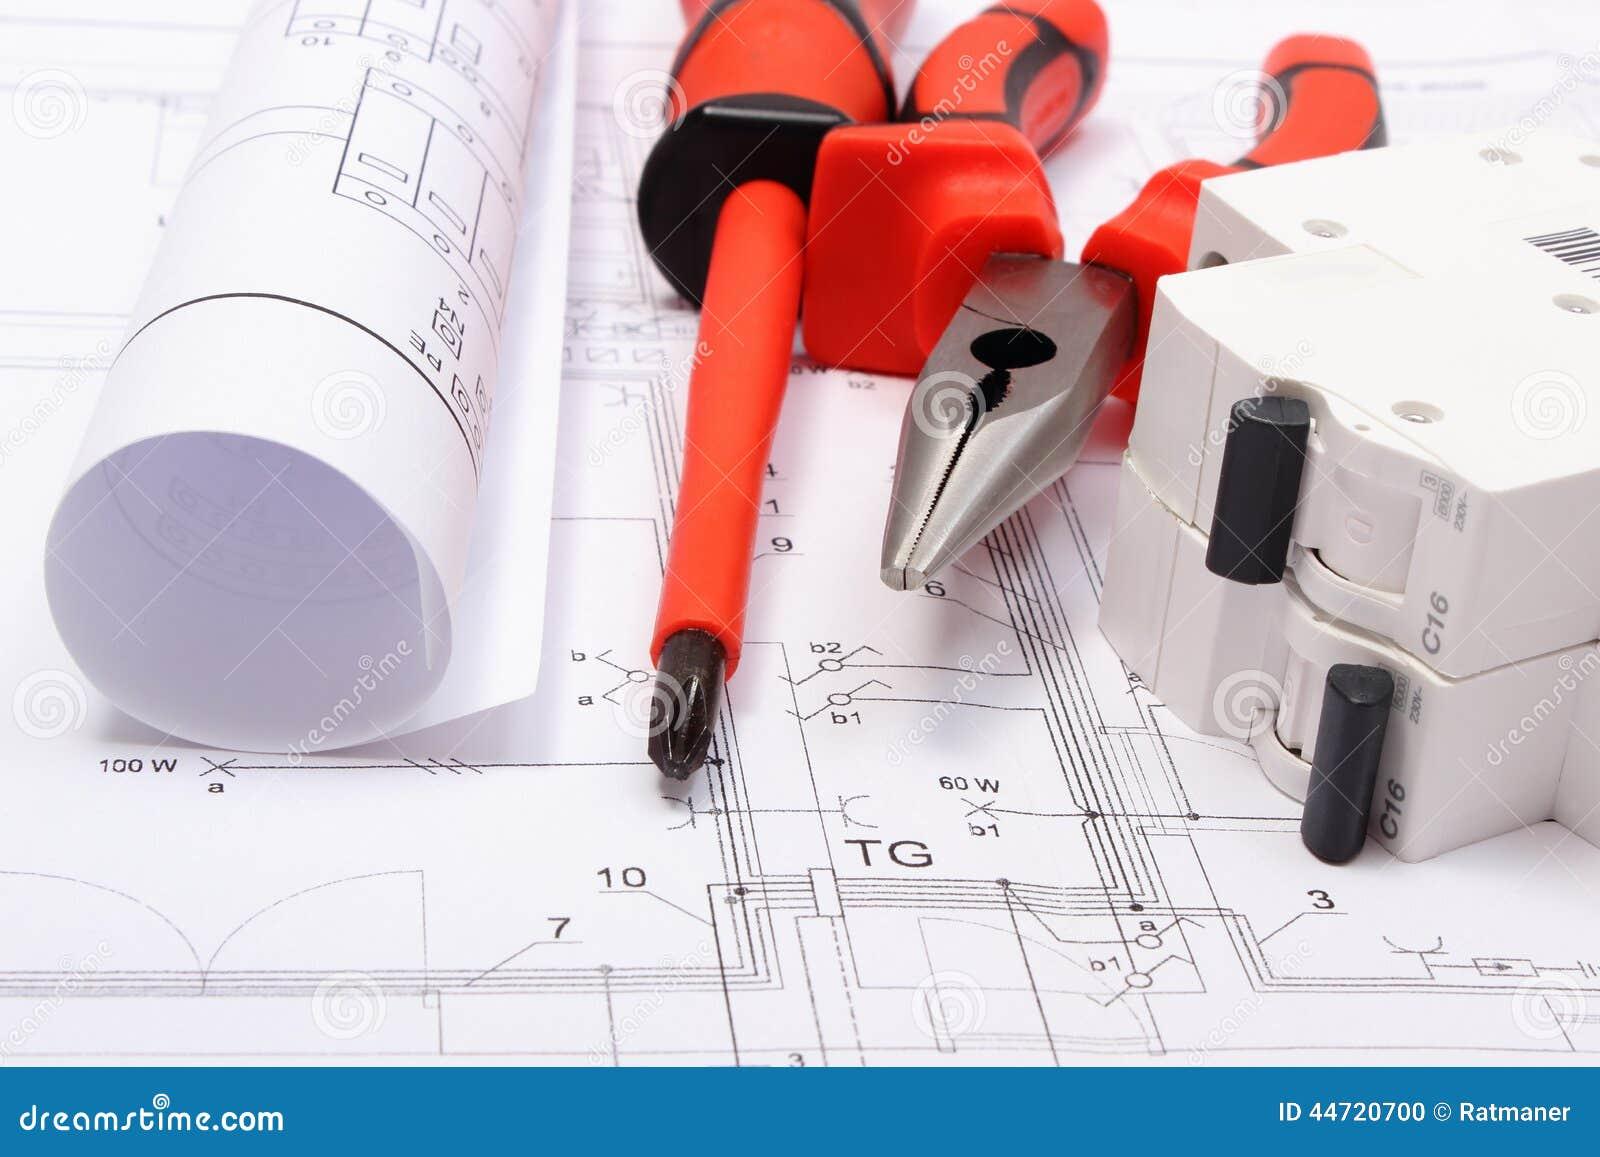 gerolde elektrodiagrammen elektrische zekering en het werkhulpmiddelen op bouwtekening van huis. Black Bedroom Furniture Sets. Home Design Ideas